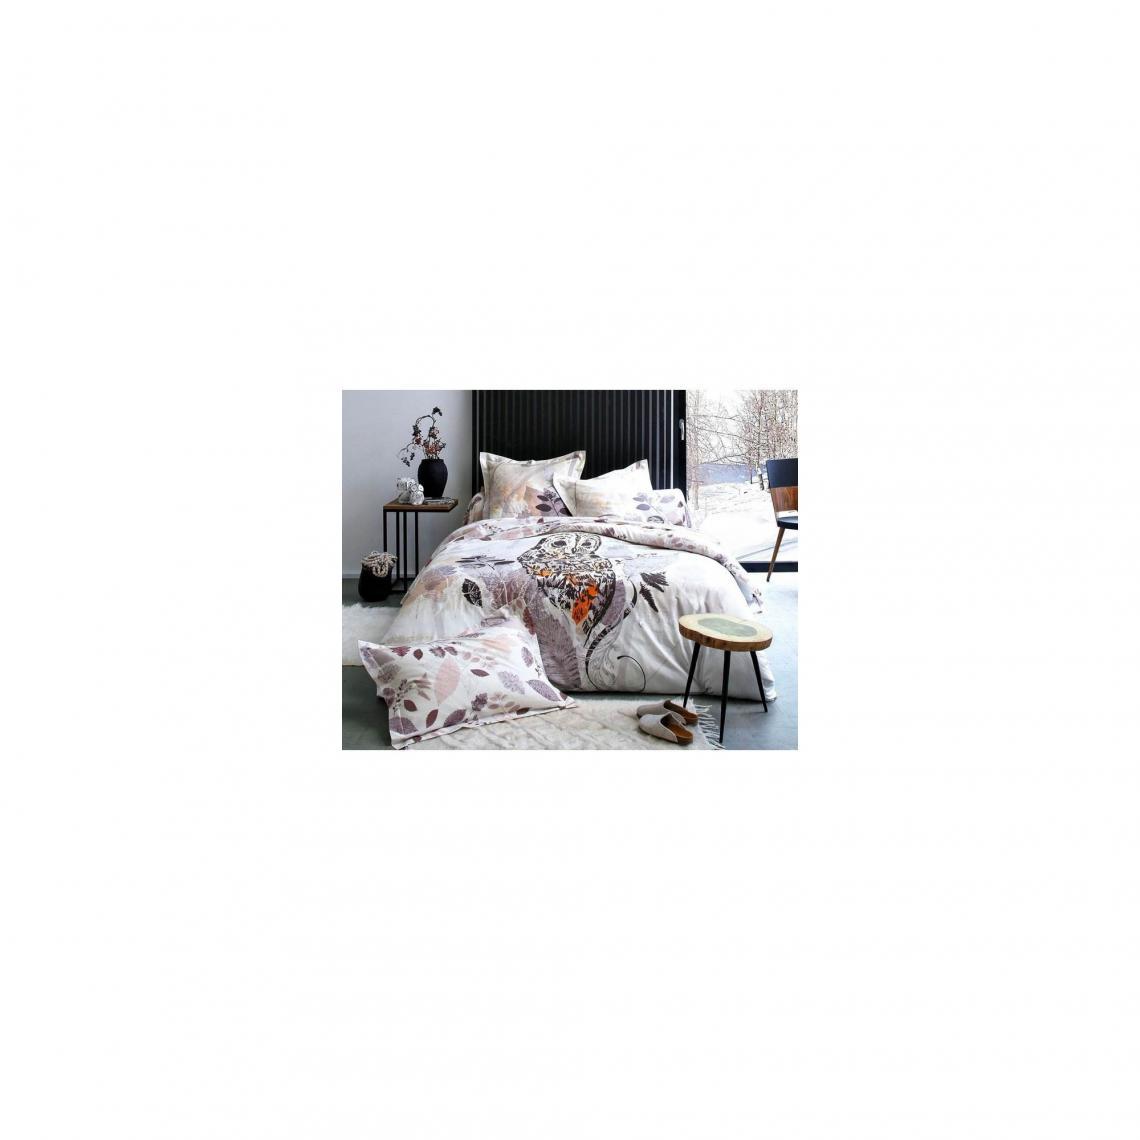 156760a3fe429 Housse de couette décor chouette Becquet - Imprimé Parme Becquet Linge de  maison